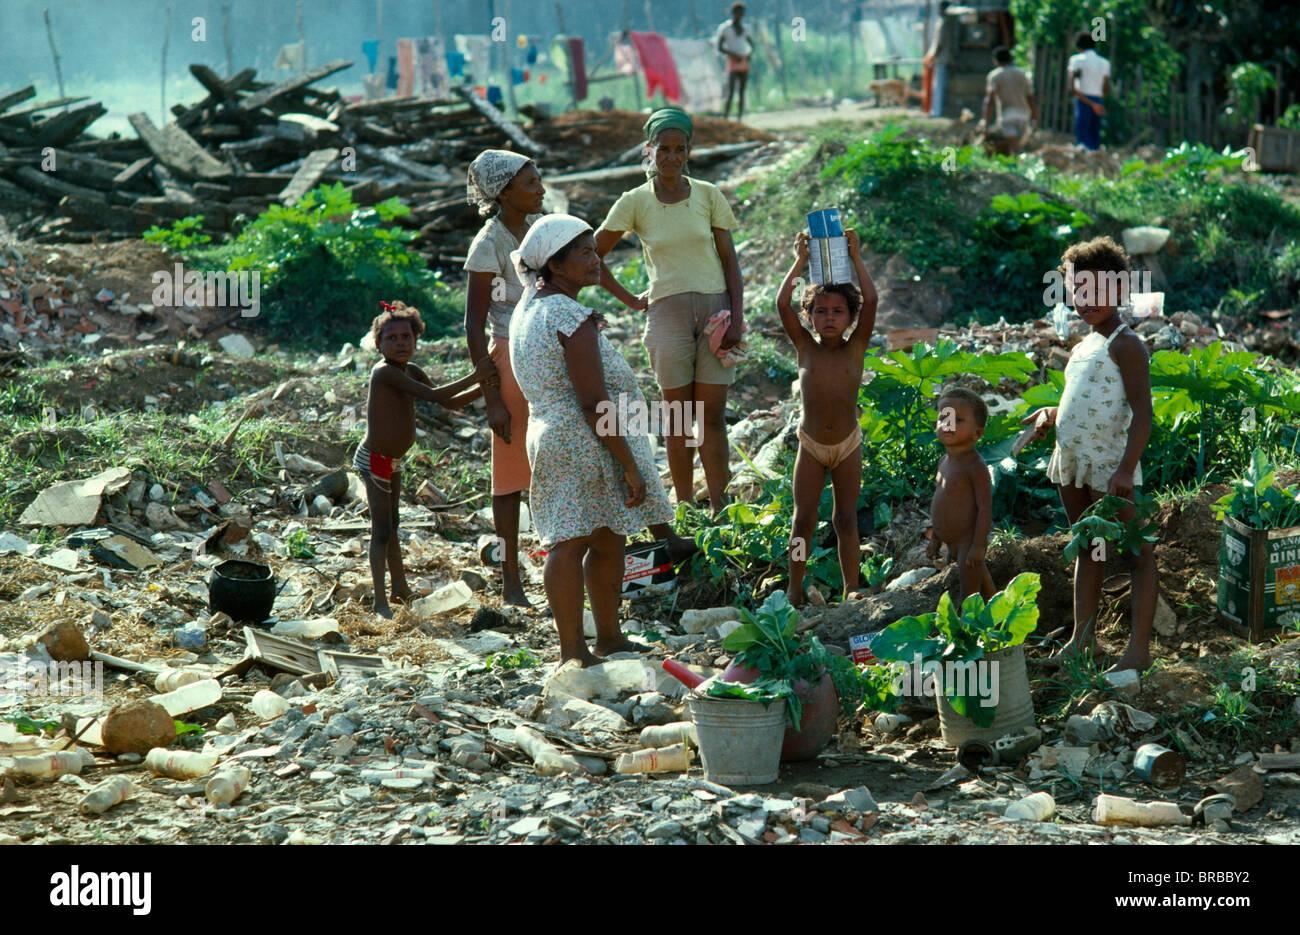 Brasilien Südamerika Bahia Salvador Favela Shanty Slum Wohnung Familie  Futtersuche Auf Müllkippe Für Dinge Zu Verkaufen